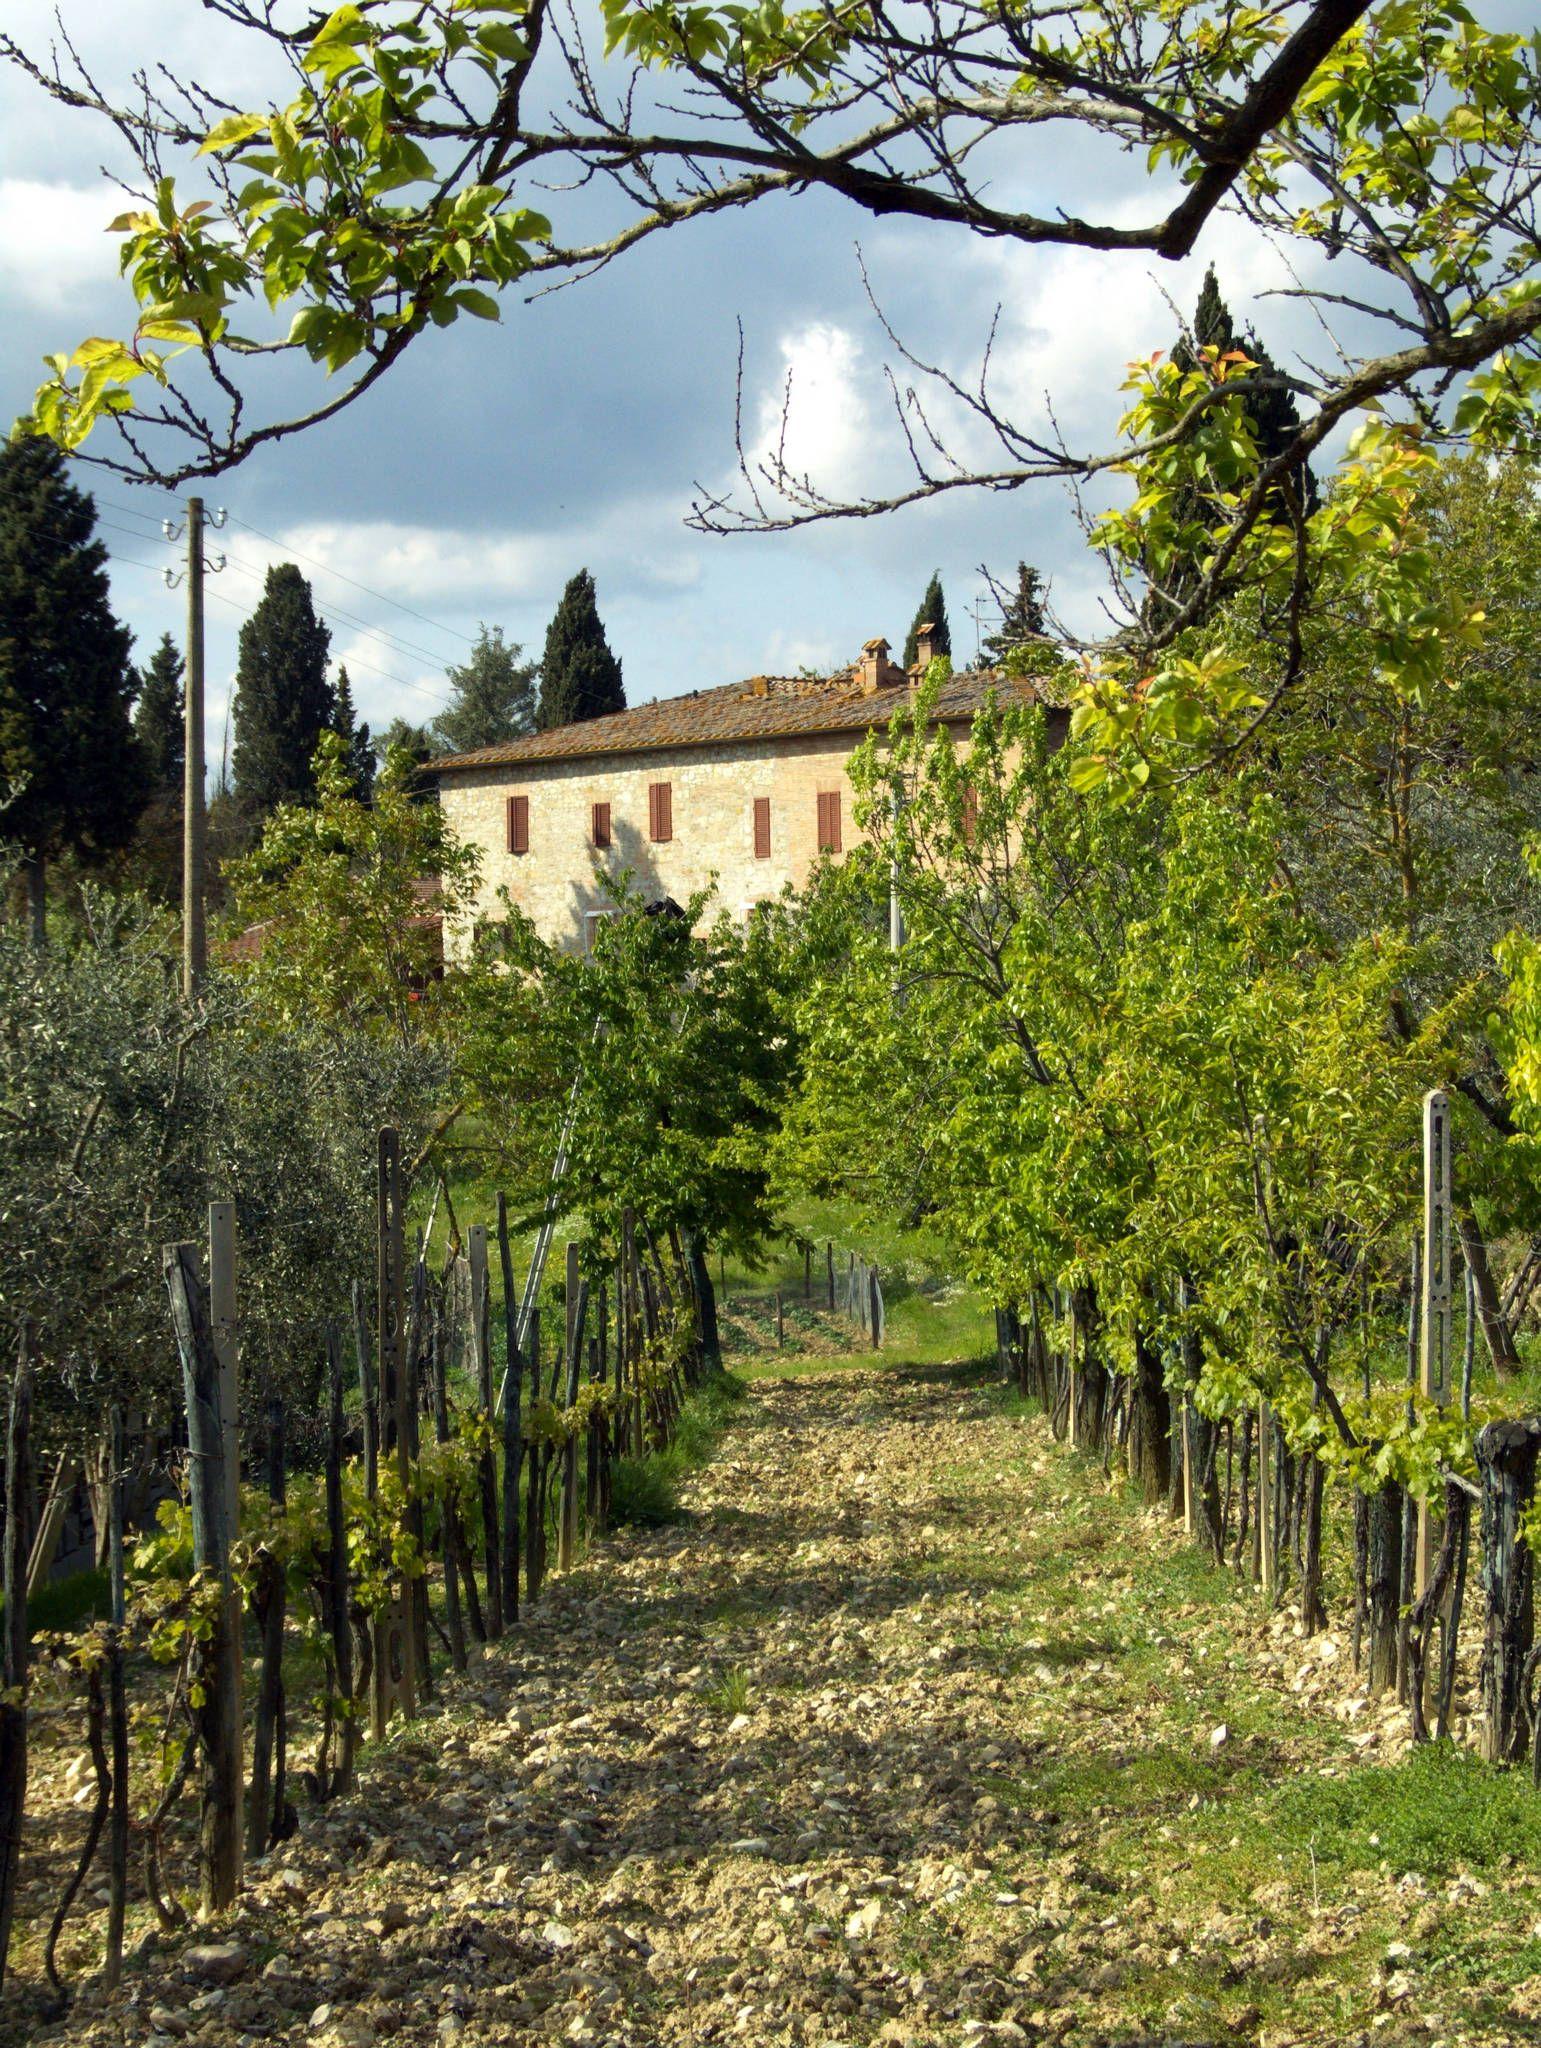 De Chianti is een van de bekendste Europese wijngebieden en ook een van de mooiste streken van Europa waarin een prachtige autoroute loopt door glooiende landschappen. De Chianti ligt tussen De Toscaanse kunststad Florence en Siena. Tussen de wijngaarden groeien cipressen en olijfbomen.